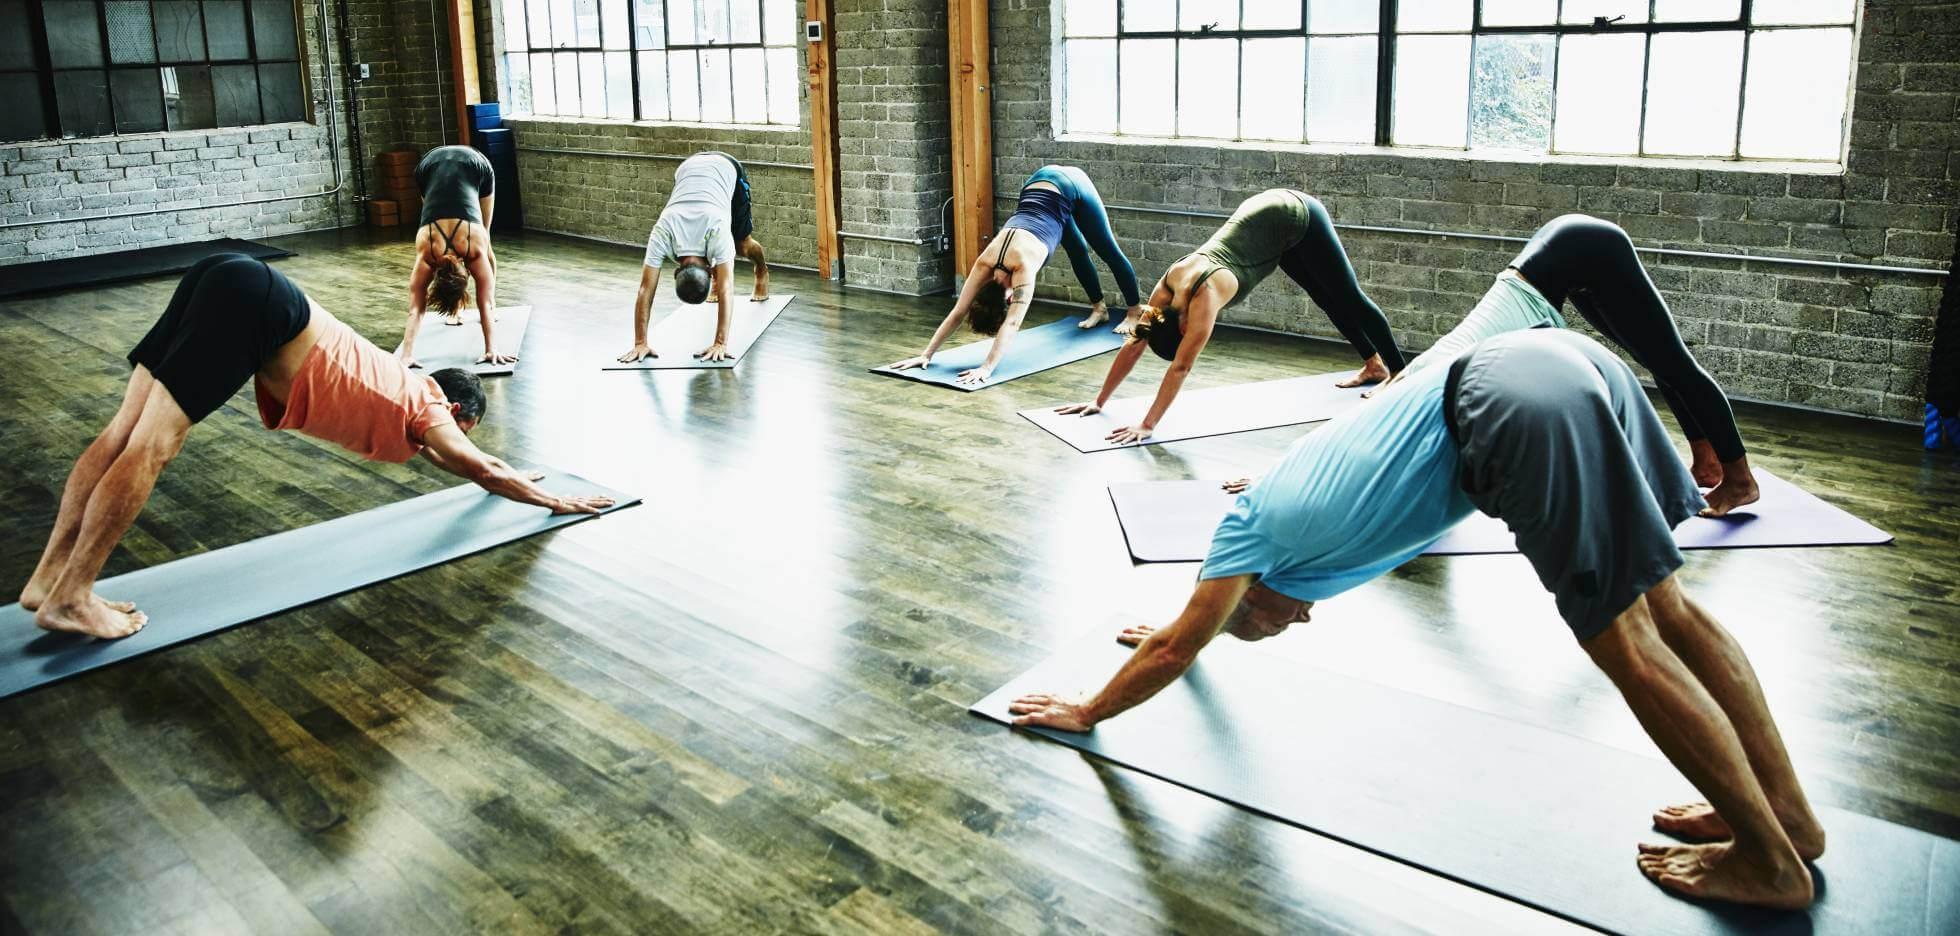 Destapando el mito de perder peso con el yoga